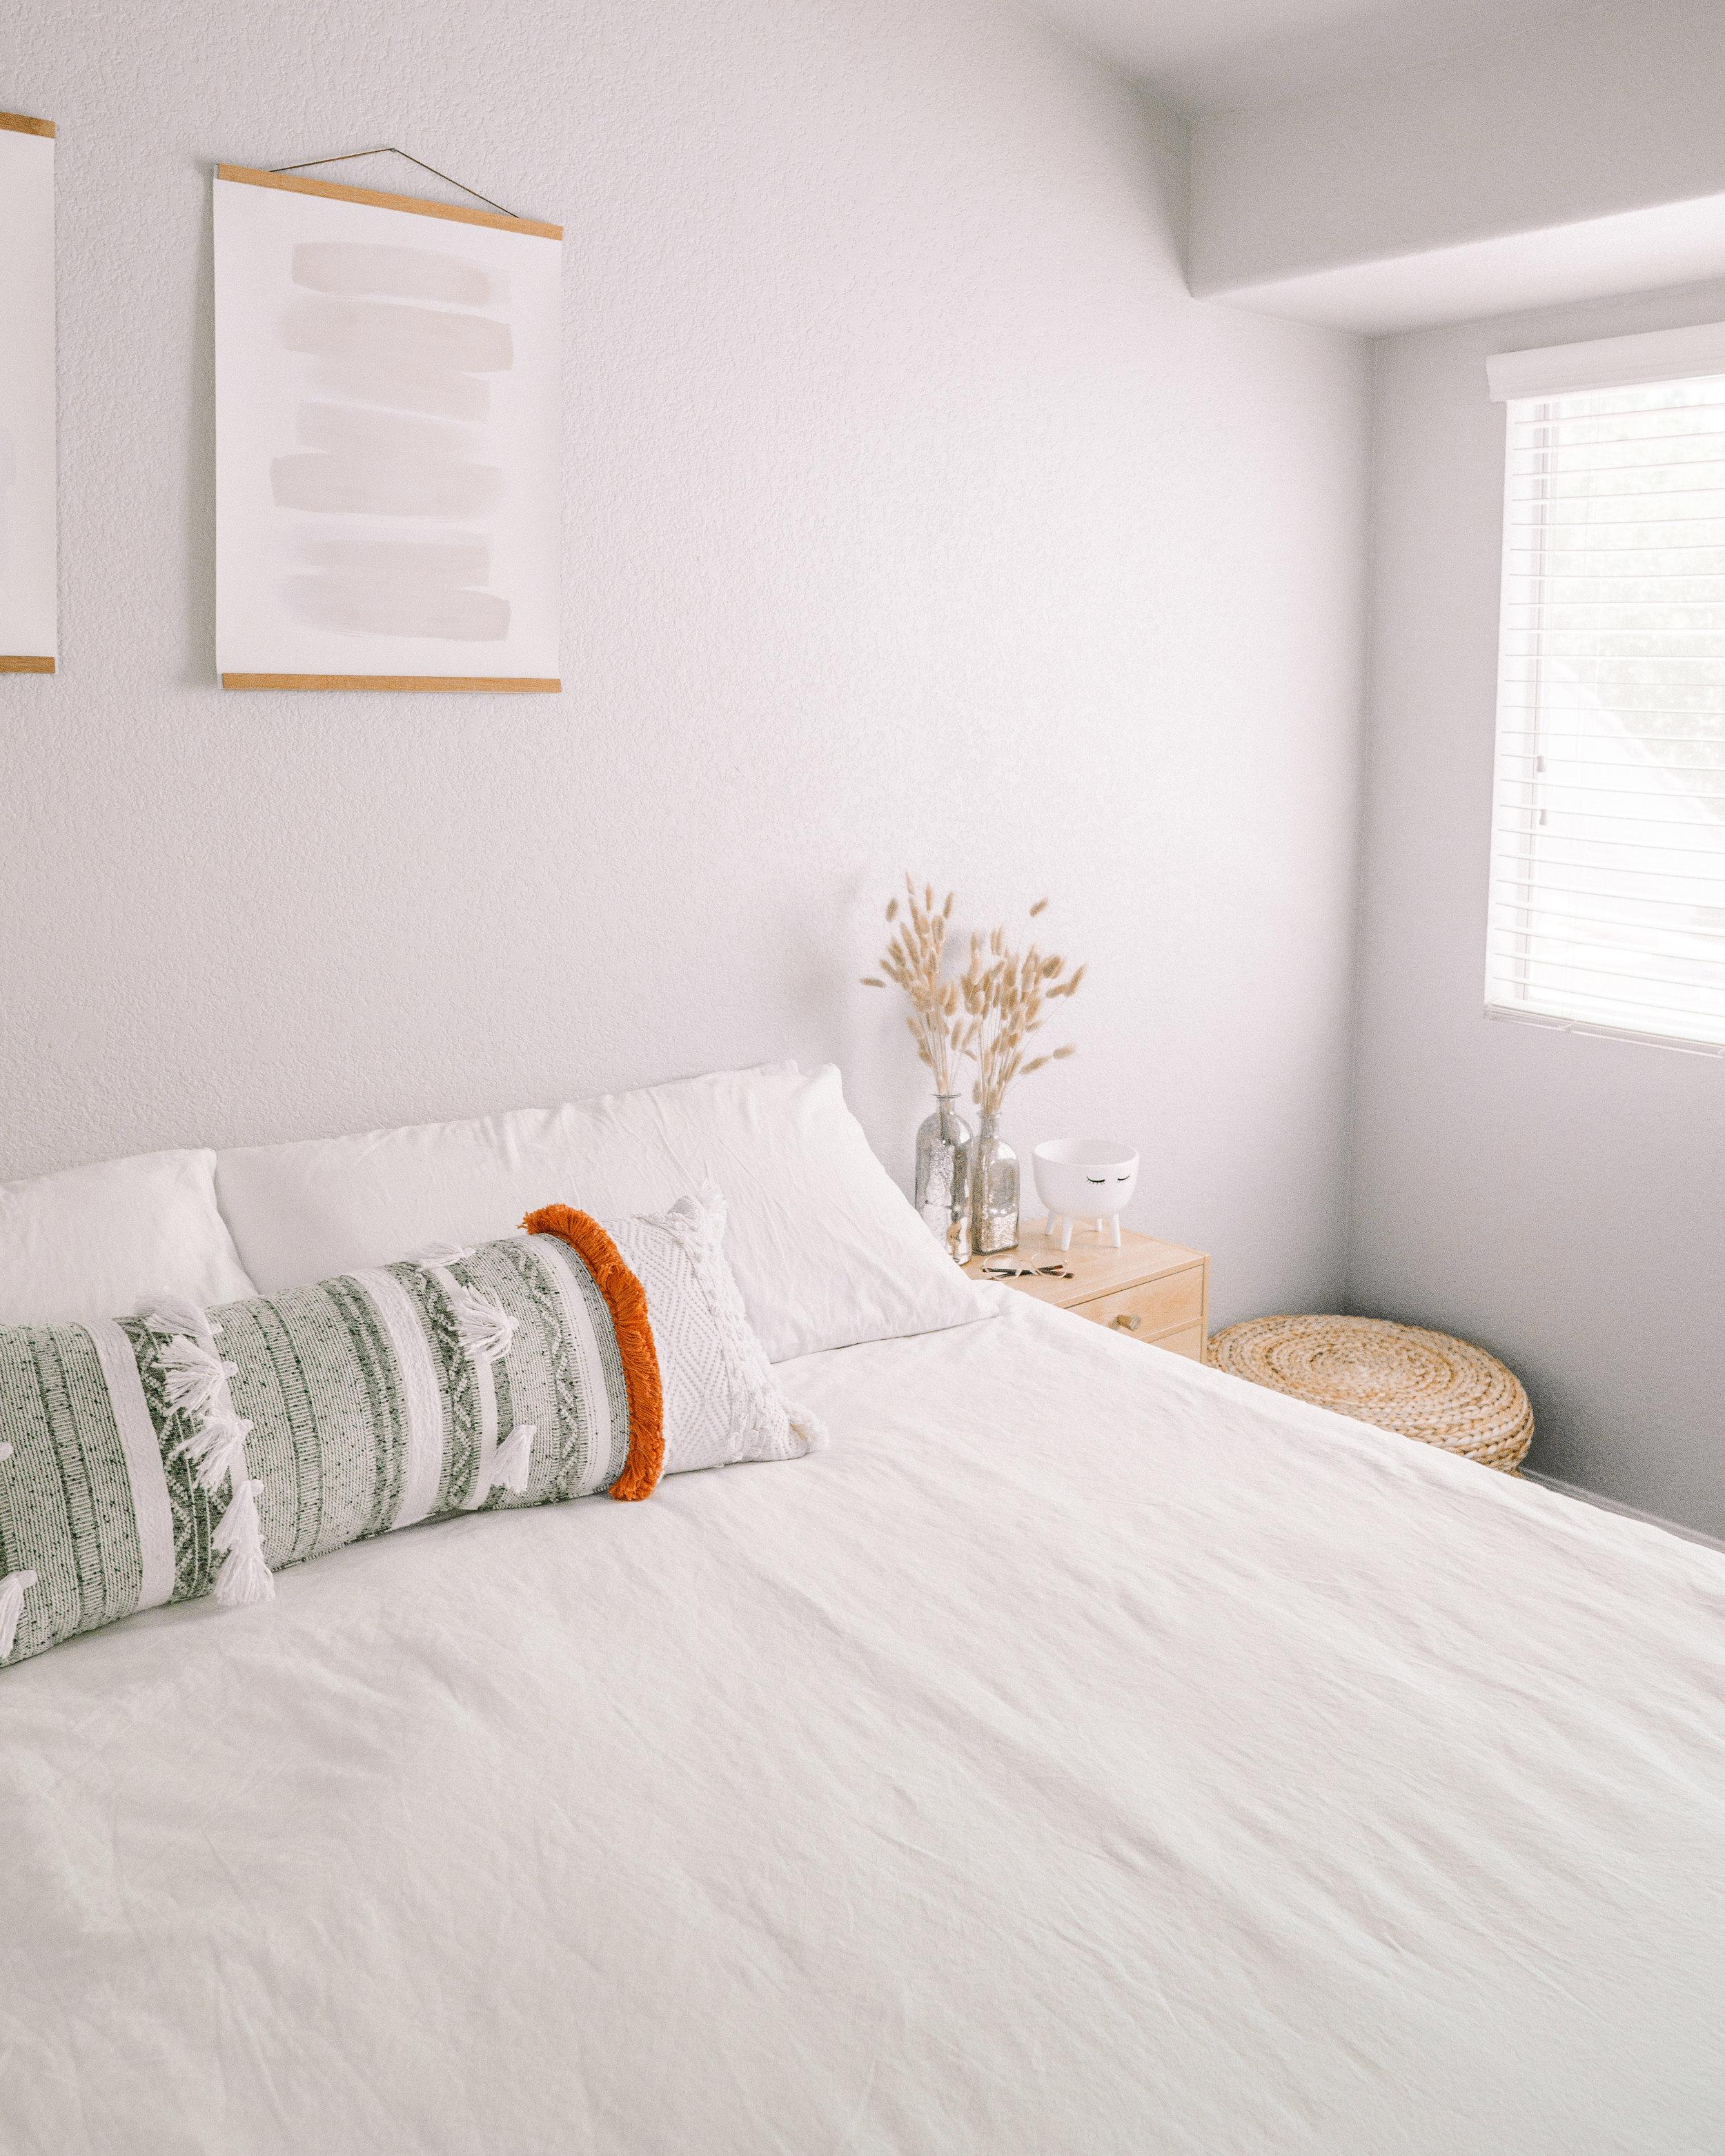 boho-bedroom-ideas-2019-1